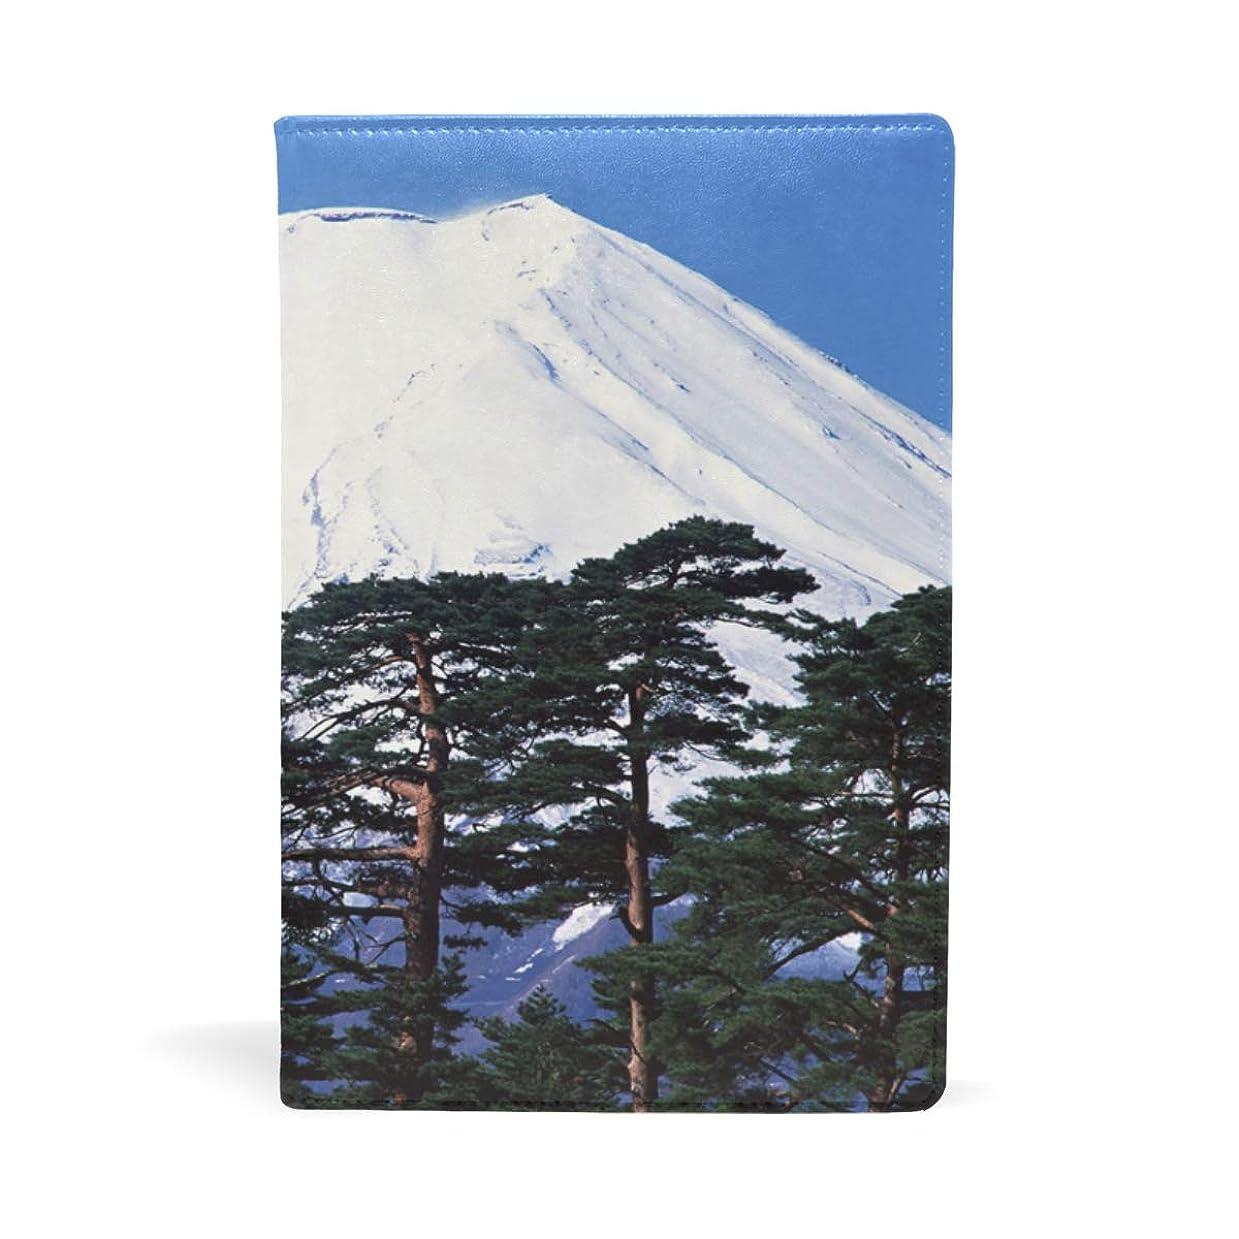 からかうタオルスクラップブック富士山青松 ブックカバー 文庫 a5 皮革 おしゃれ 文庫本カバー 資料 収納入れ オフィス用品 読書 雑貨 プレゼント耐久性に優れ